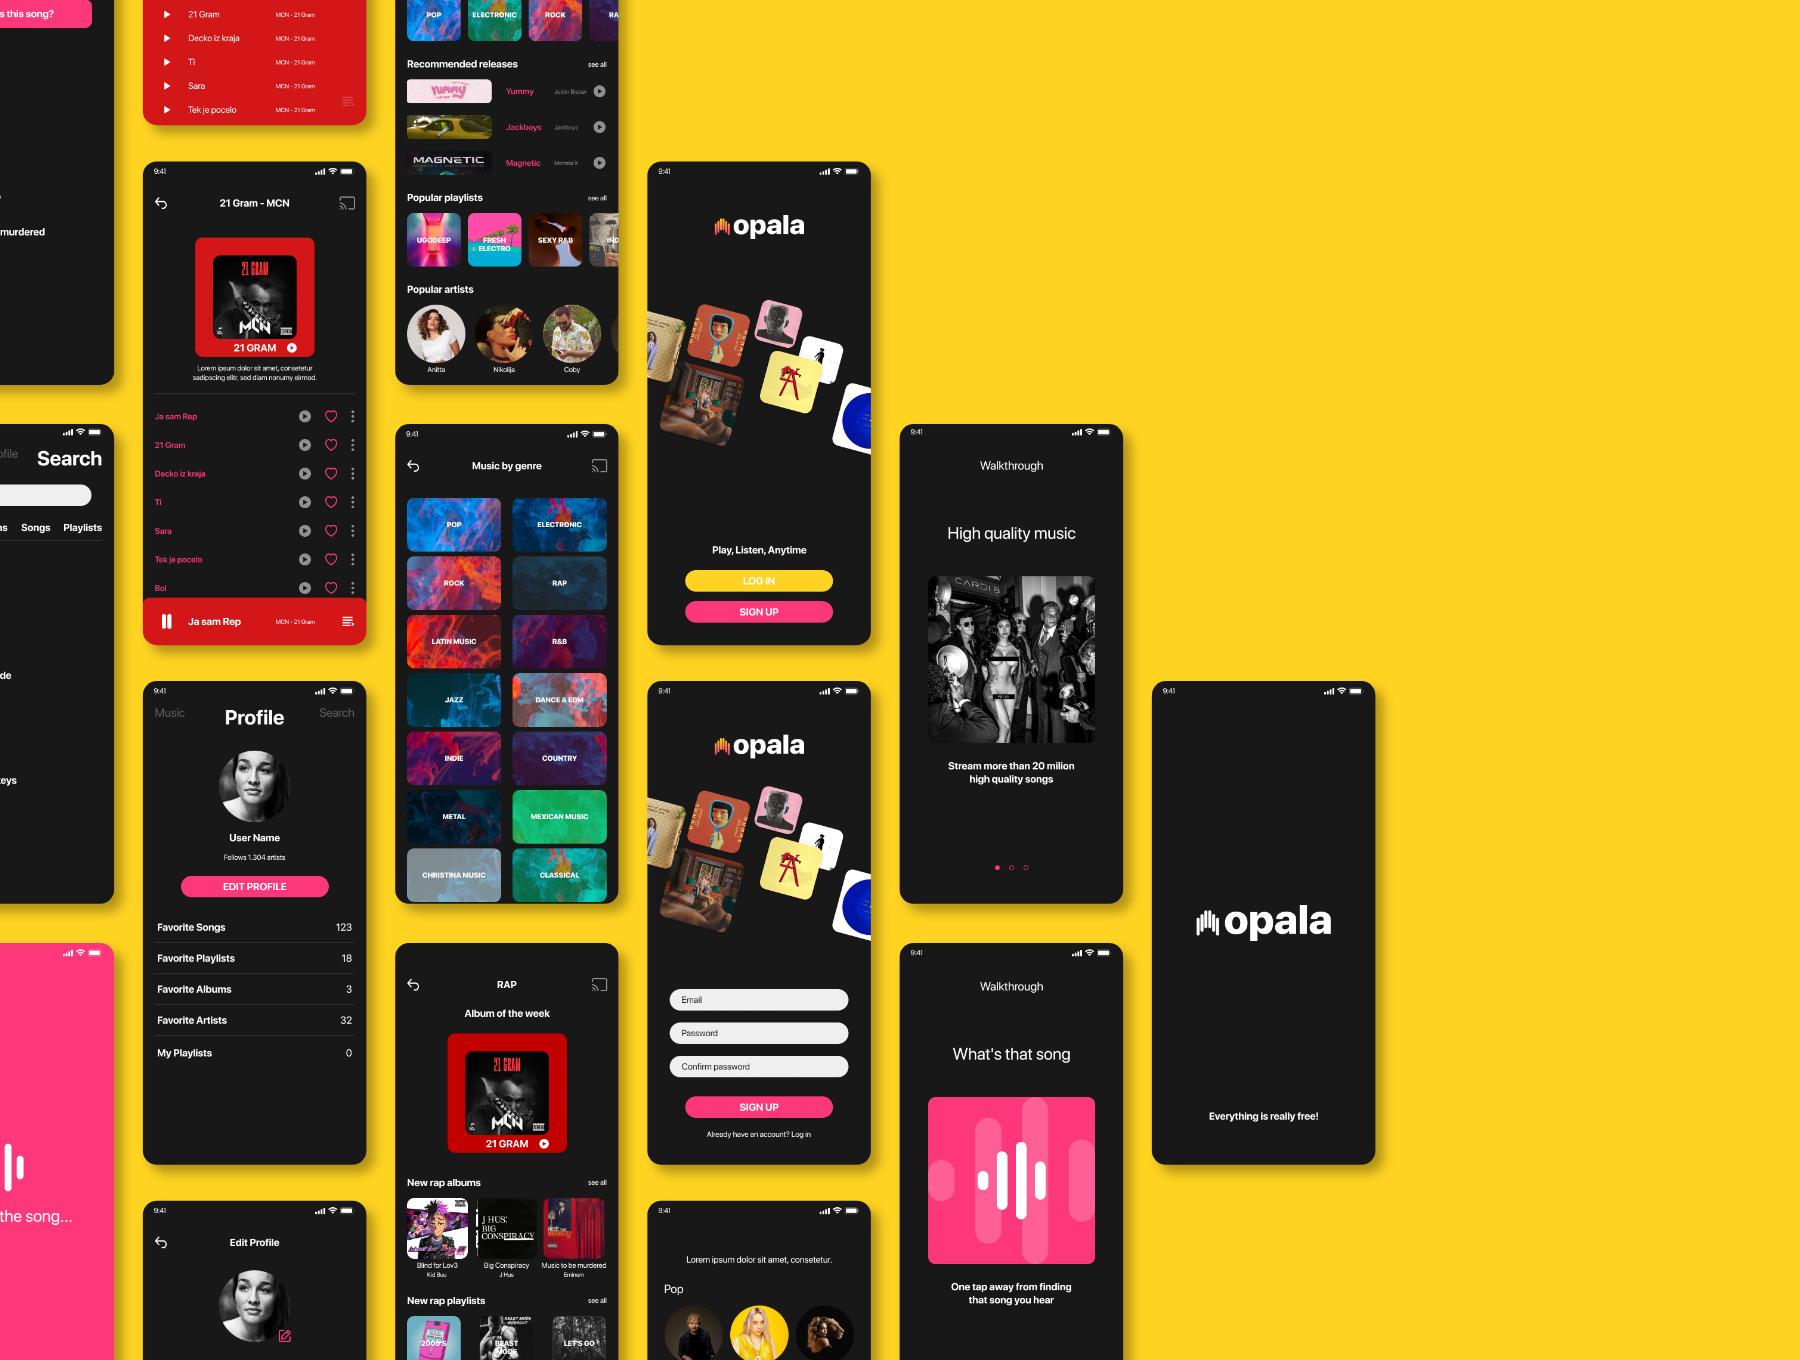 音乐播放器APP应用程序设计UI套件FIG模板 Opala Music app – FIGMA Version插图(5)